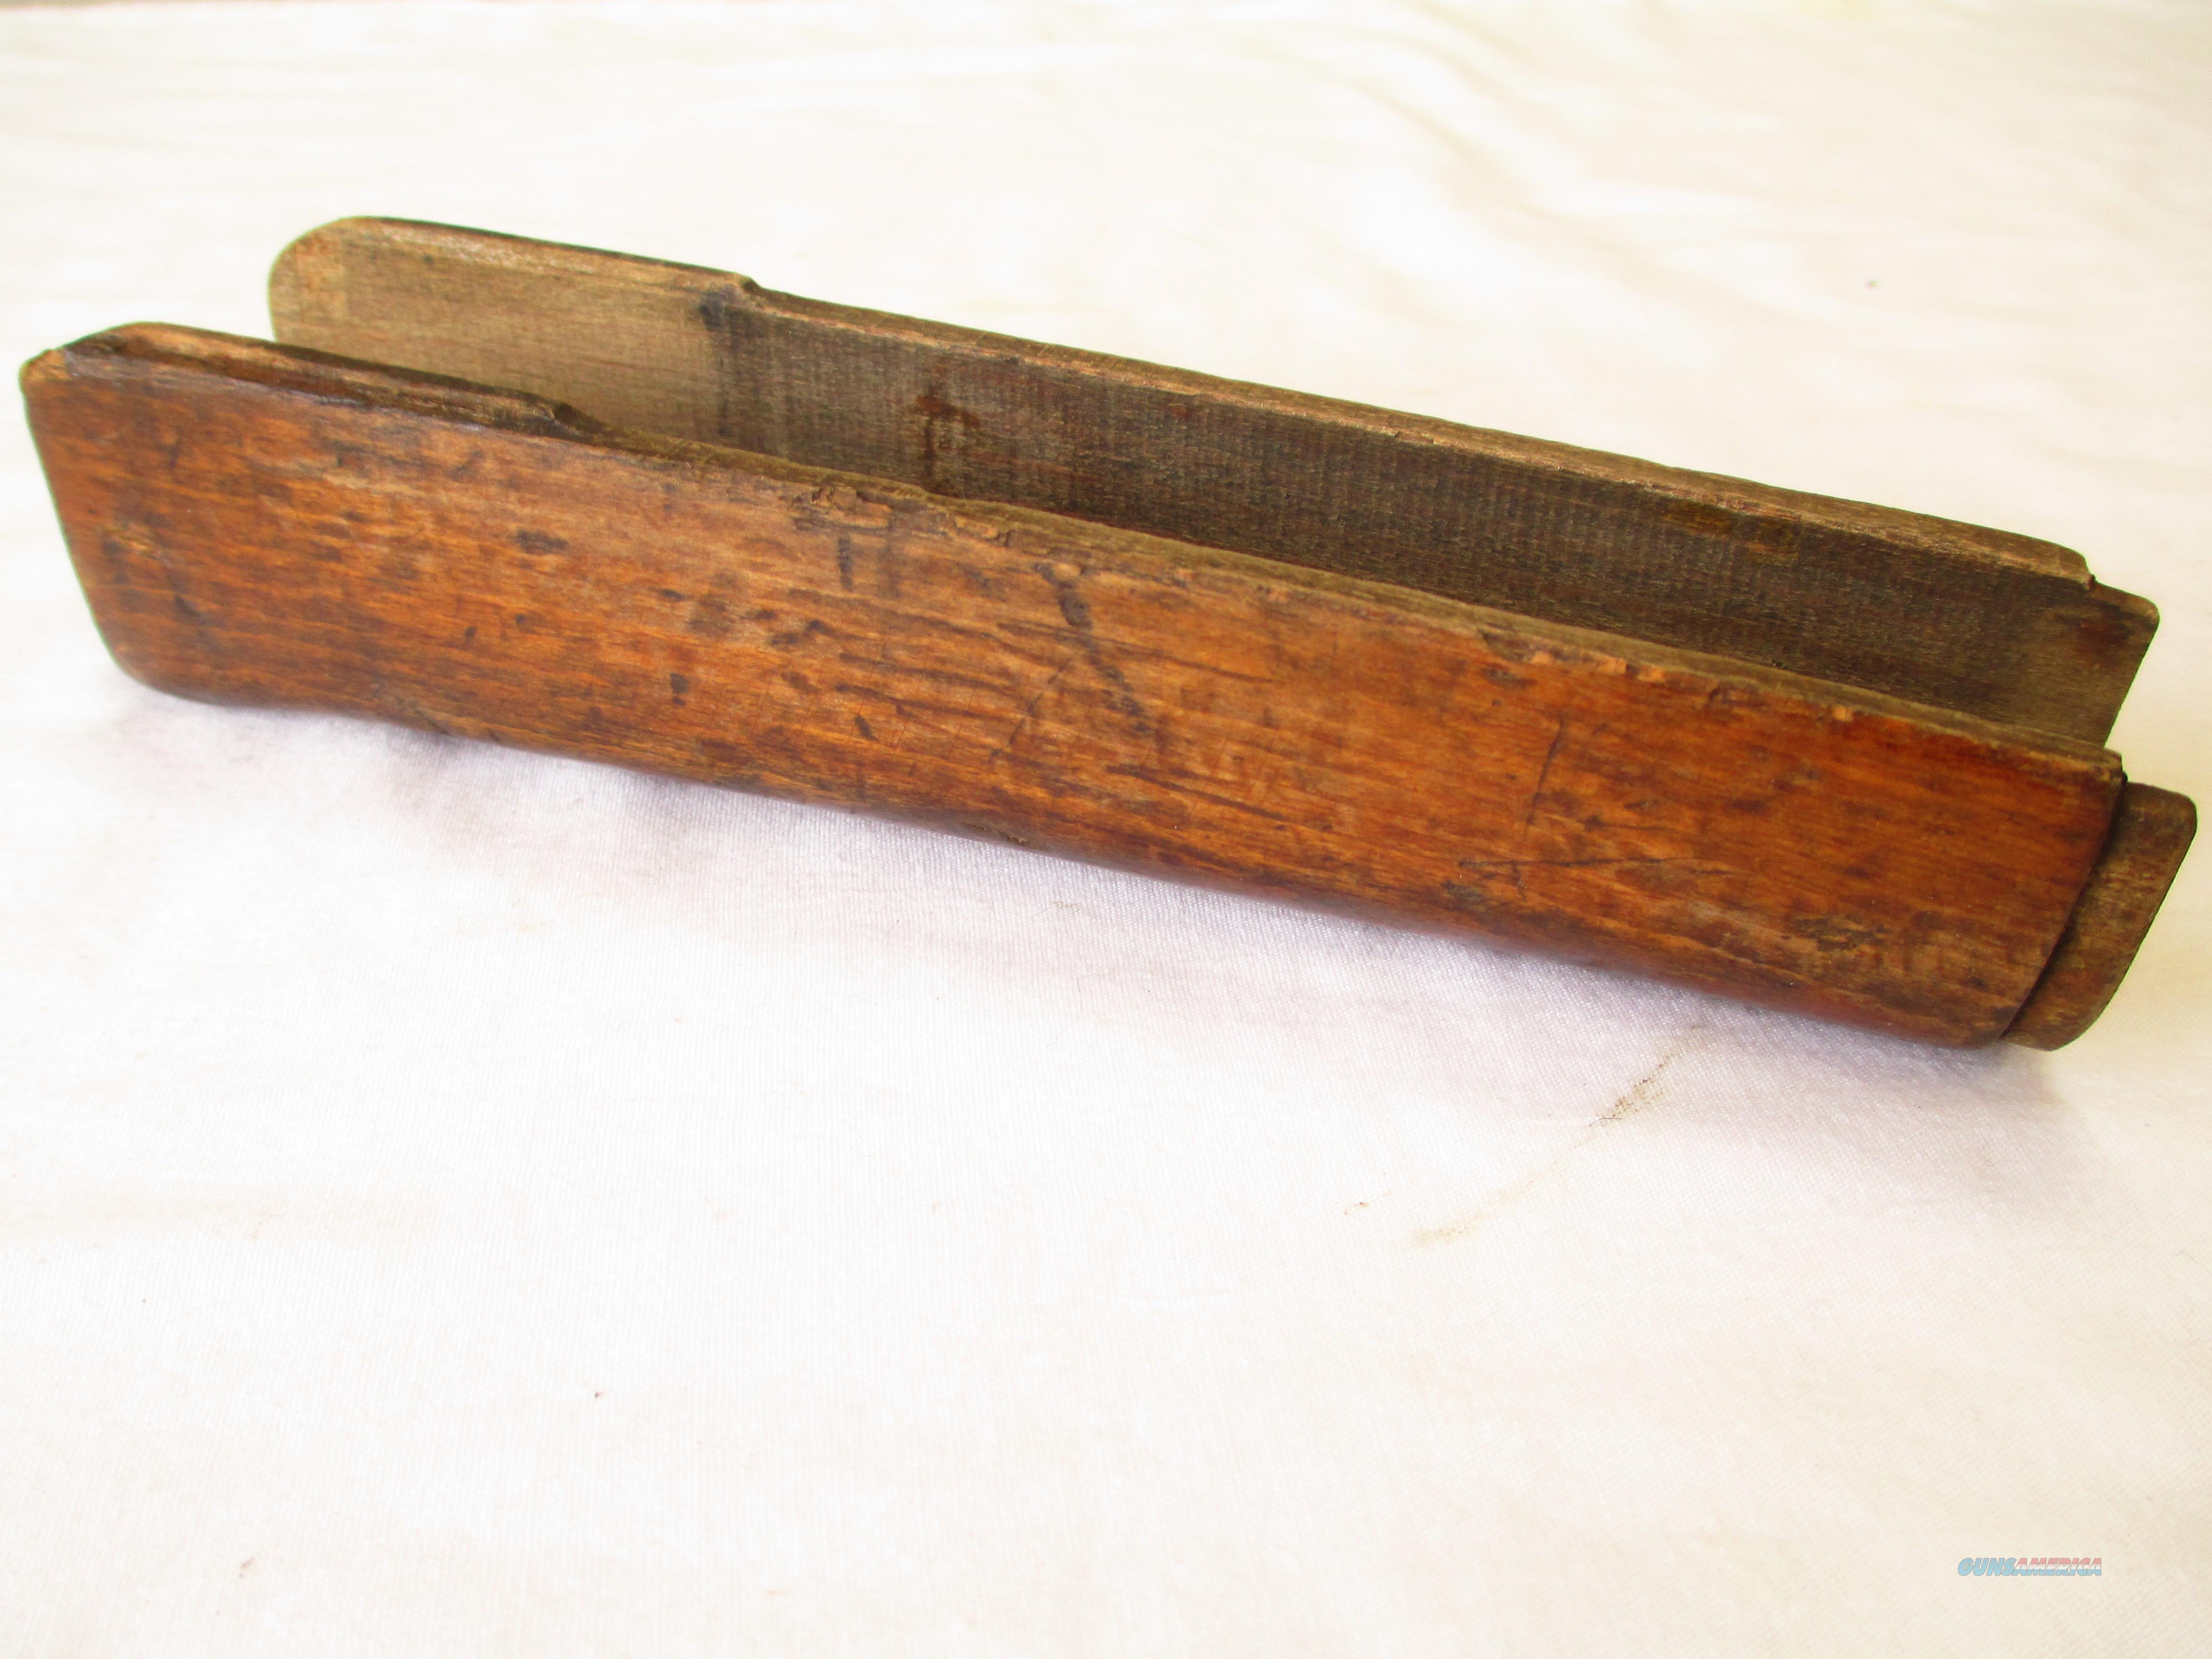 VZ58   SA58  Beech Wood Lower Handguard - Czechoslovakia   Non-Guns > Gun Parts > Military - Foreign